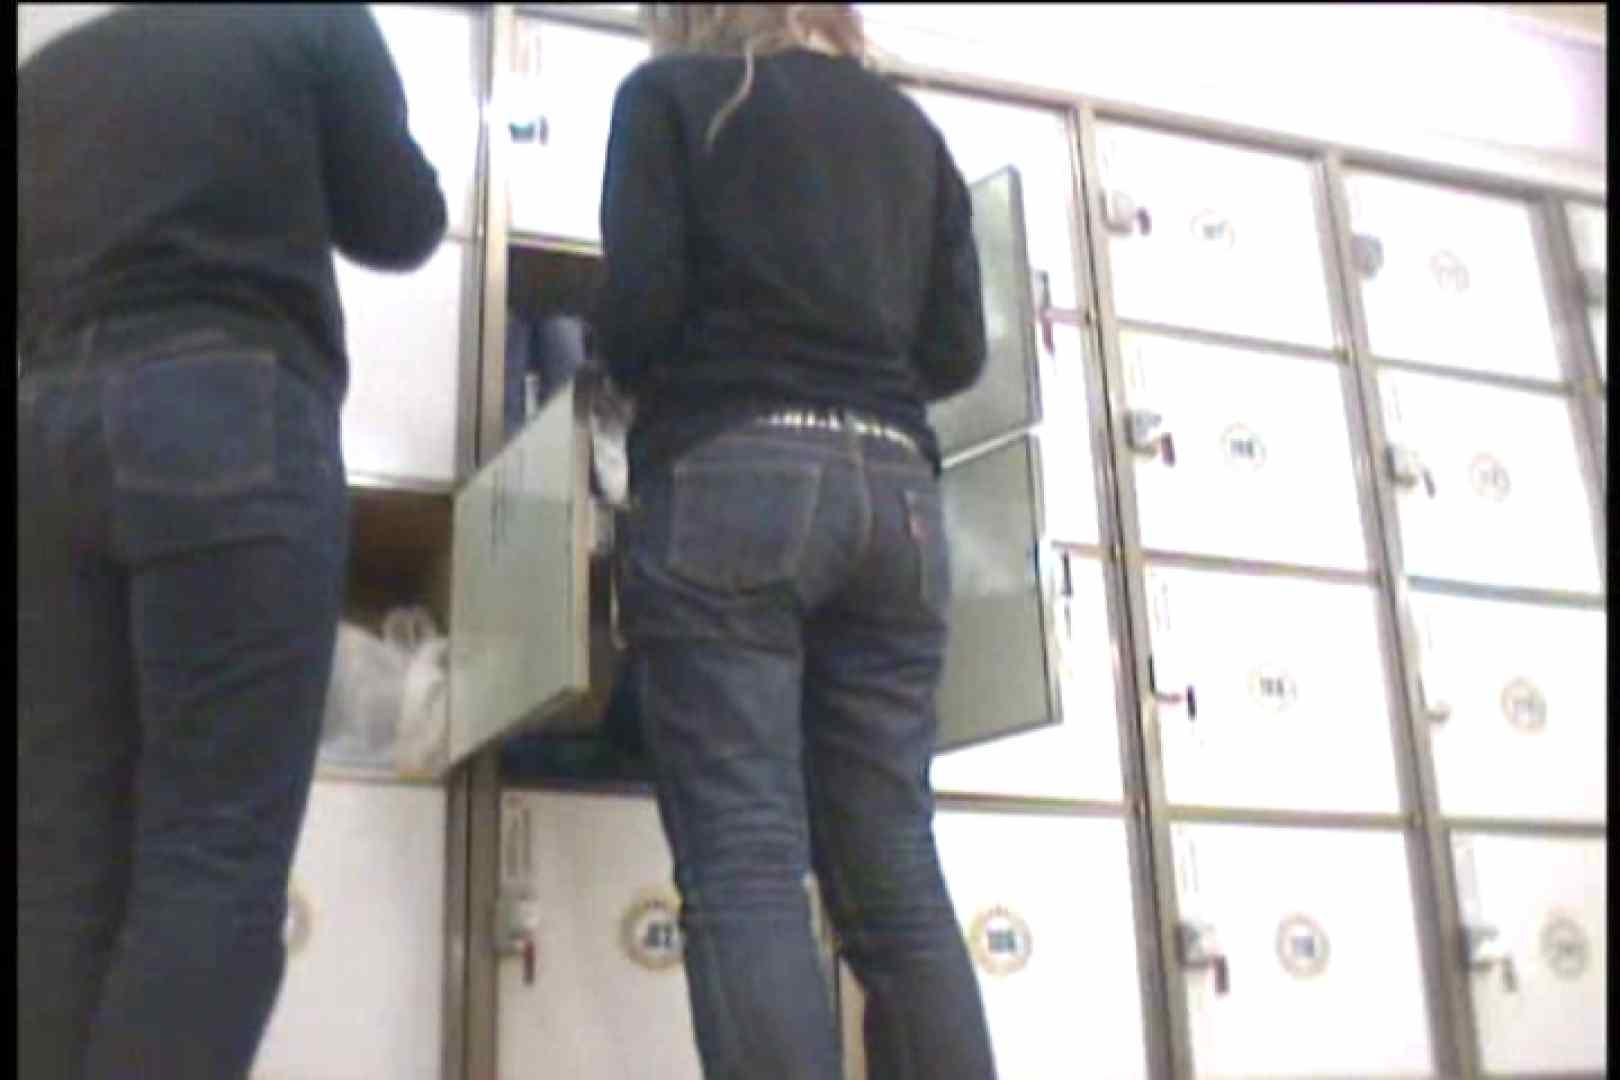 電波カメラ設置浴場からの防HAN映像 Vol.11 盗撮  76pic 72